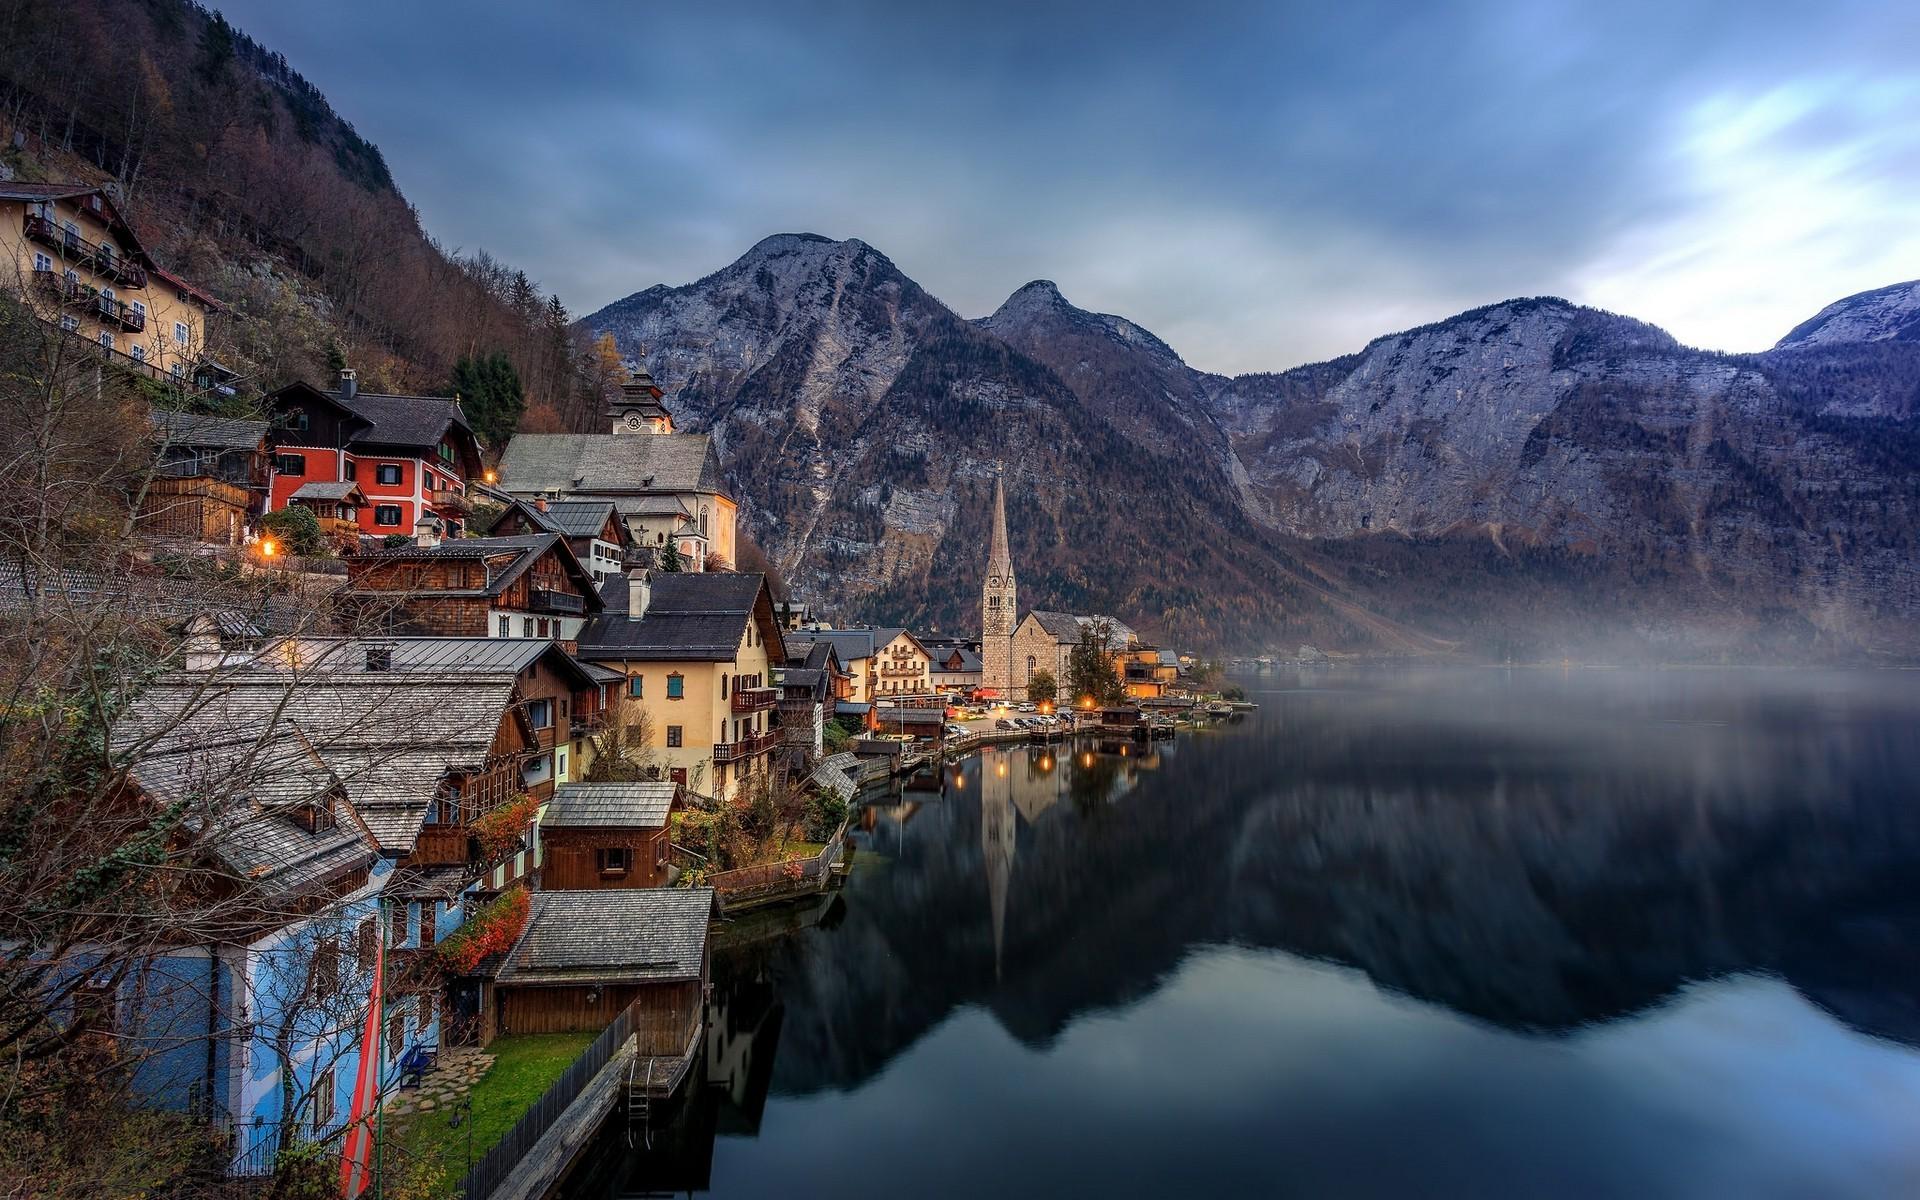 1920x1200 px lake landscape mountain reflection town